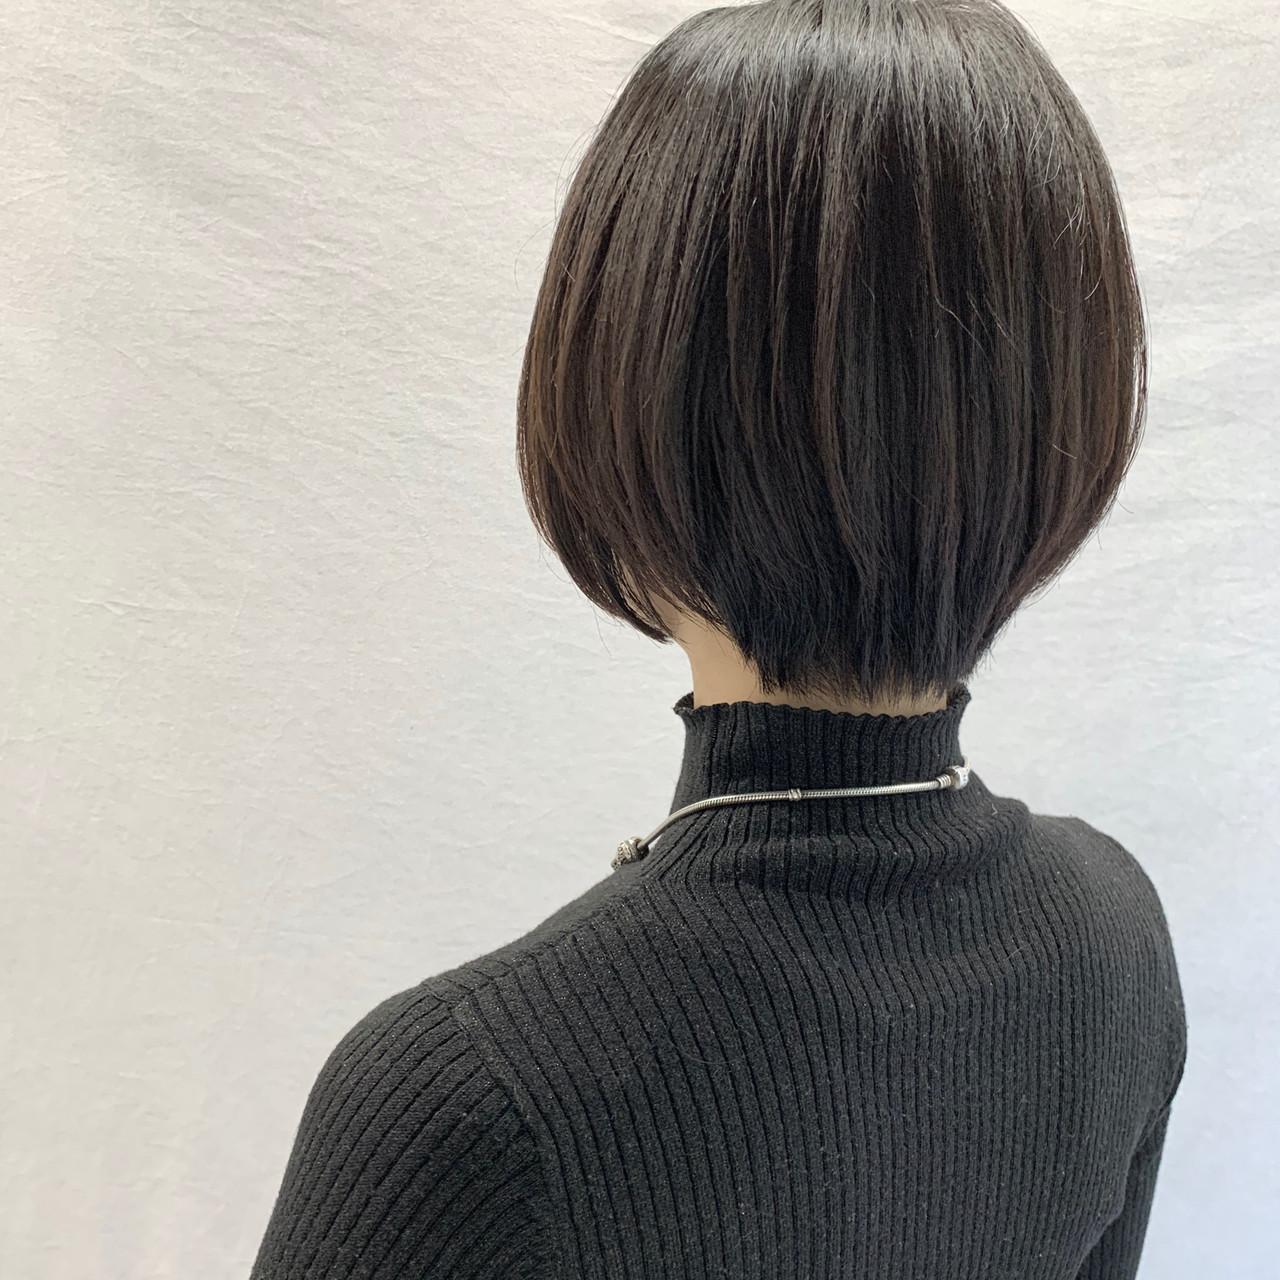 ブラウンベージュ ナチュラル ショートヘア ボブ ヘアスタイルや髪型の写真・画像